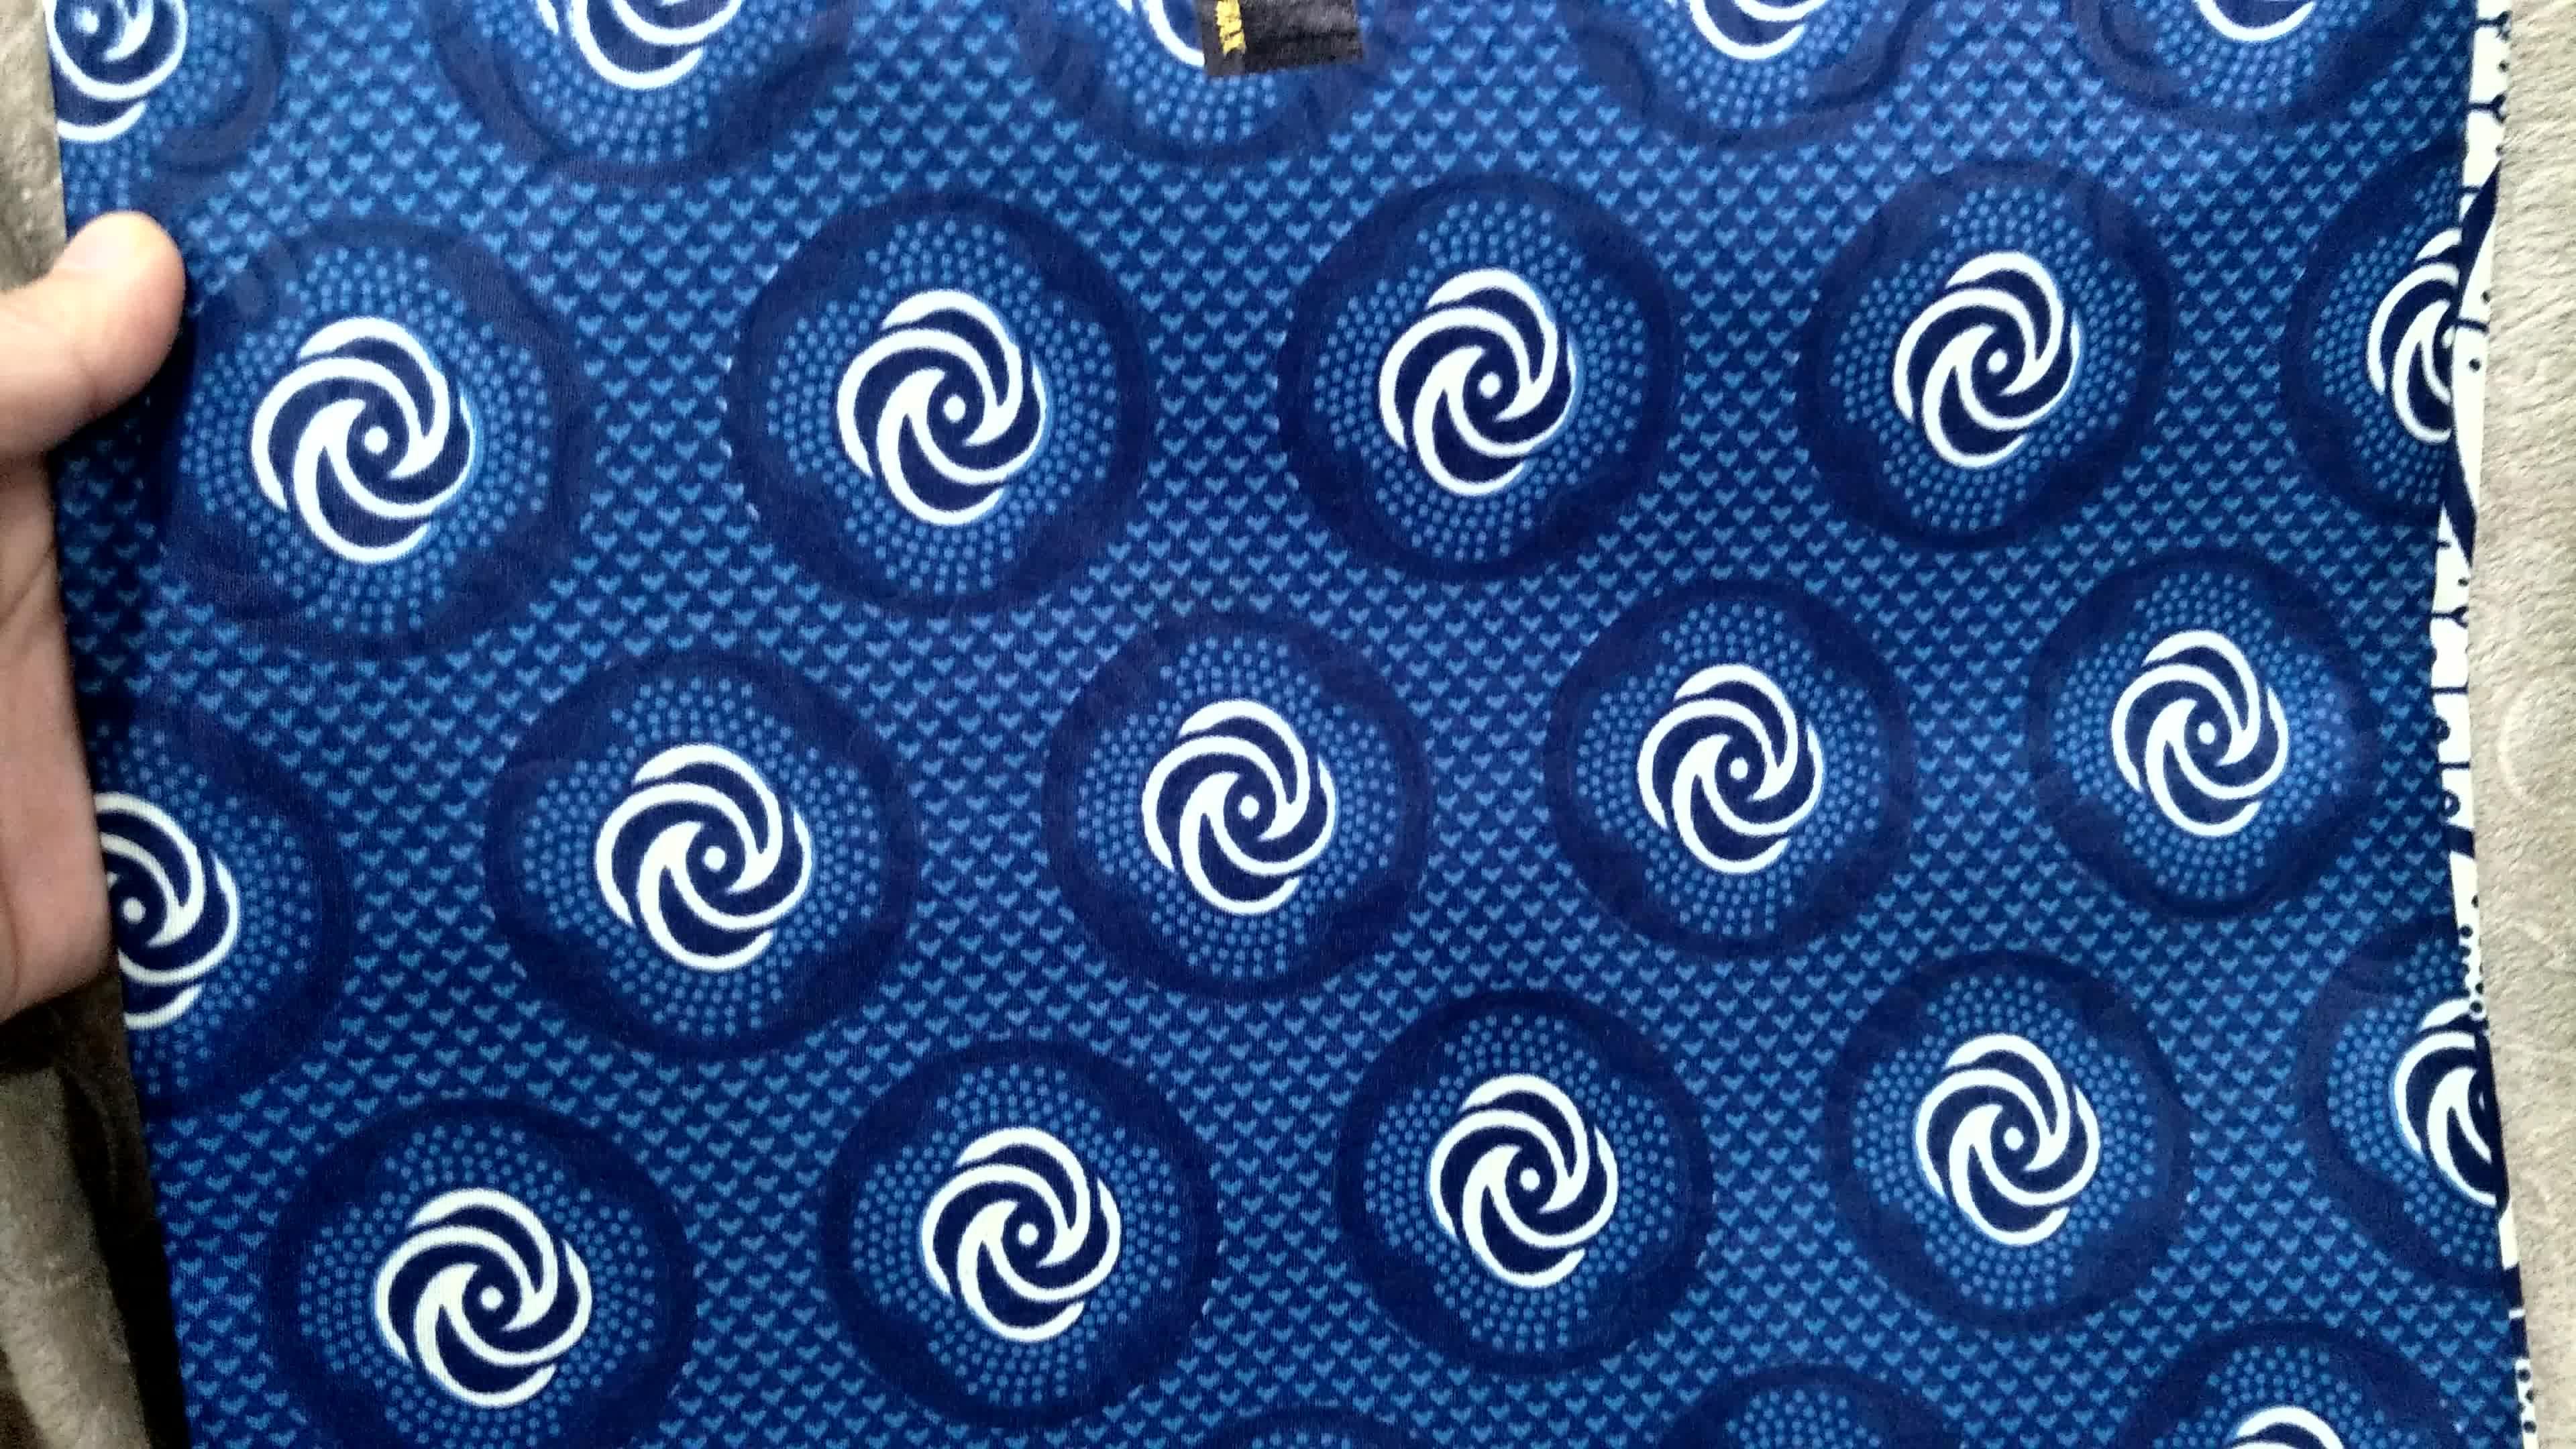 Fabrika kaynağı afrika balmumu kumaş için yeni tasarım 24*24